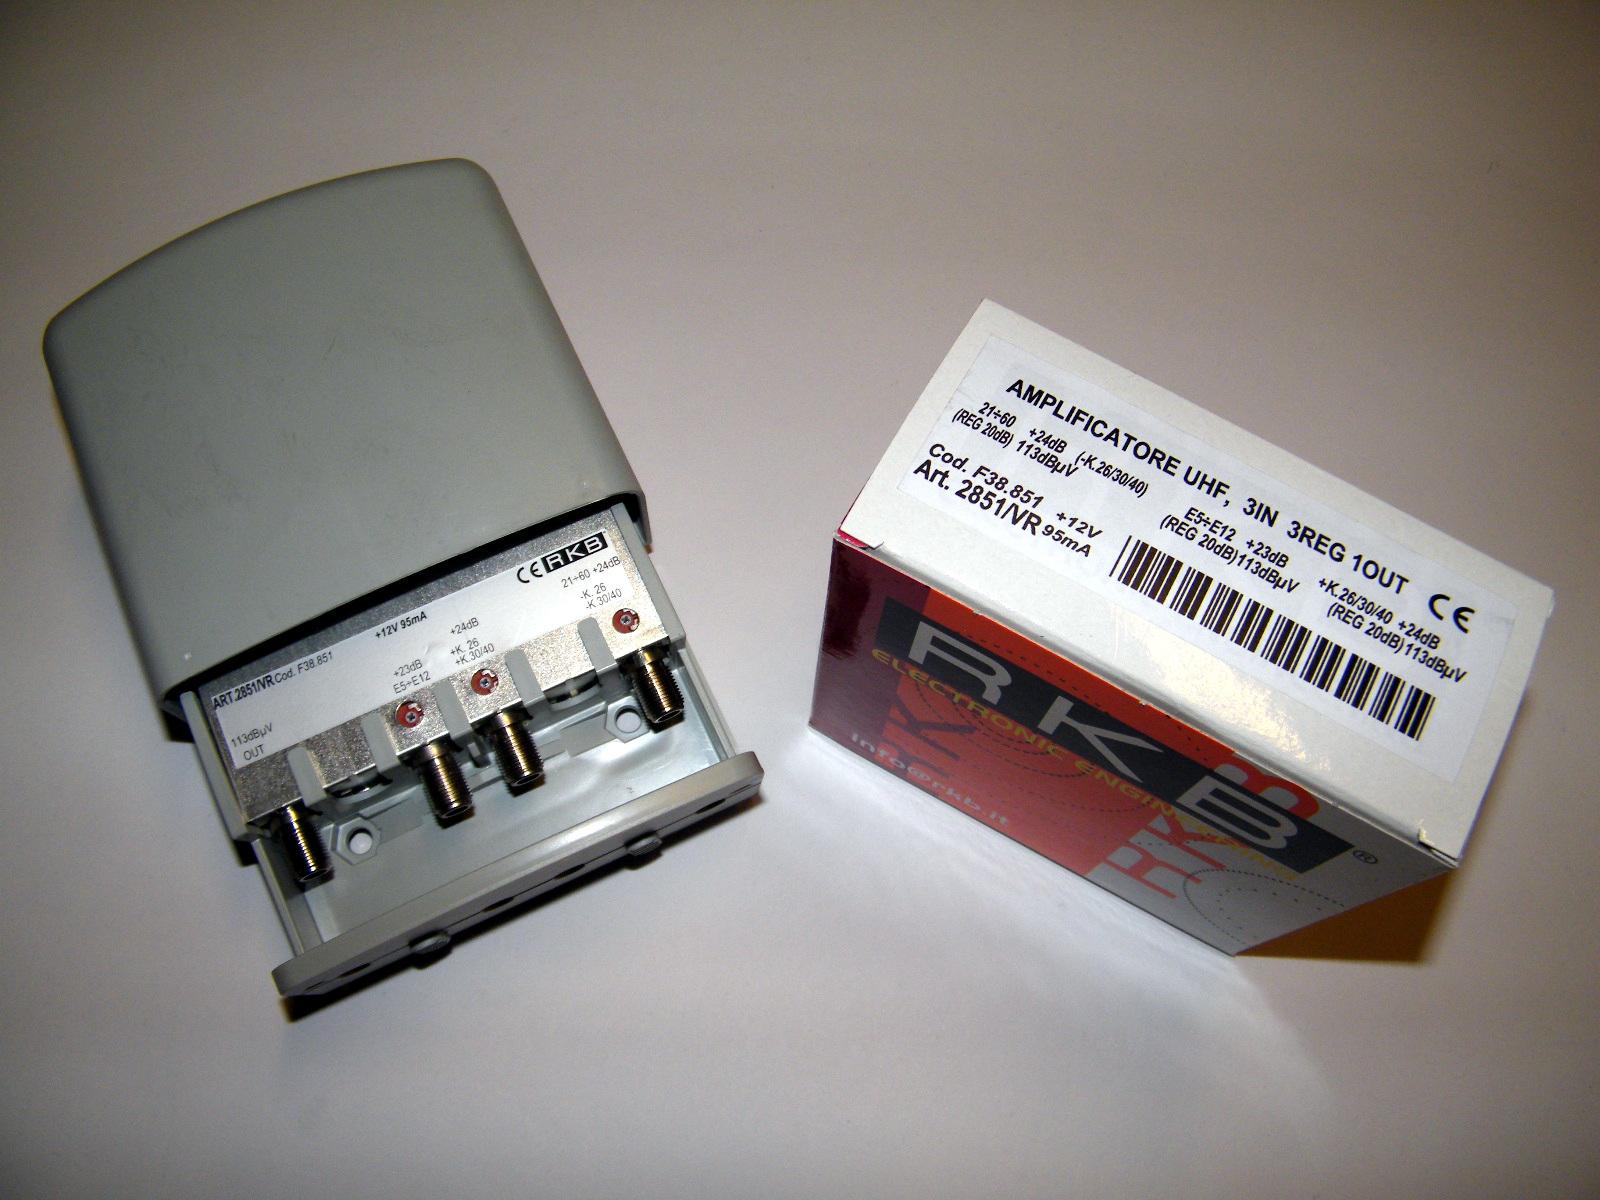 Amplificatore x 3 Mux Rai 26,30,40 24dB VHF/UHF-K/K 113dBuV 95mA 2851VR